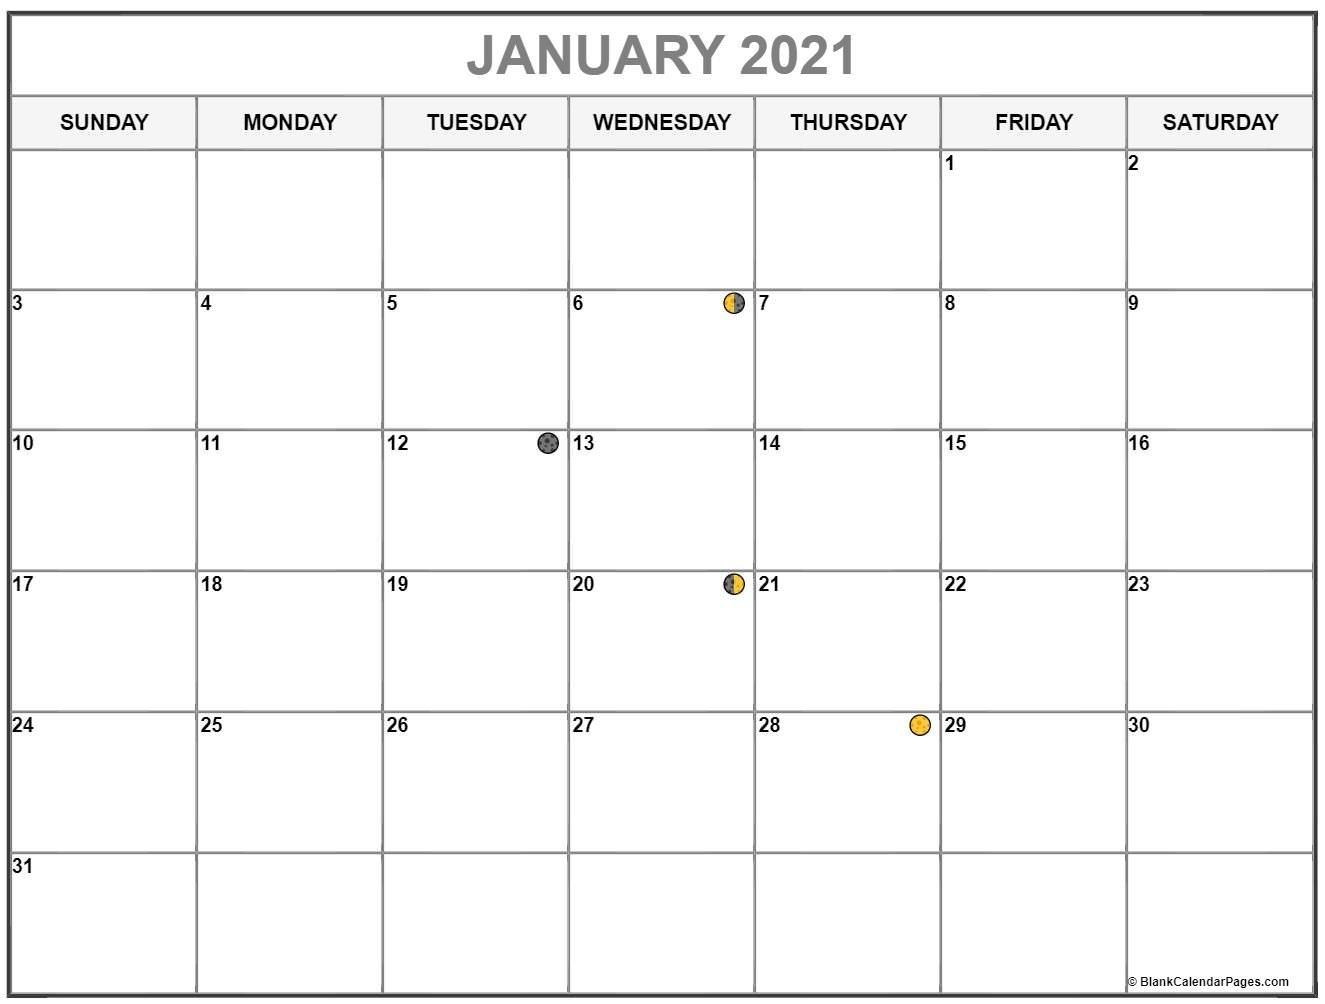 January 2021 Lunar Calendar | Moon Phase Calendar intended for 2021 Calendar With Moon Phase